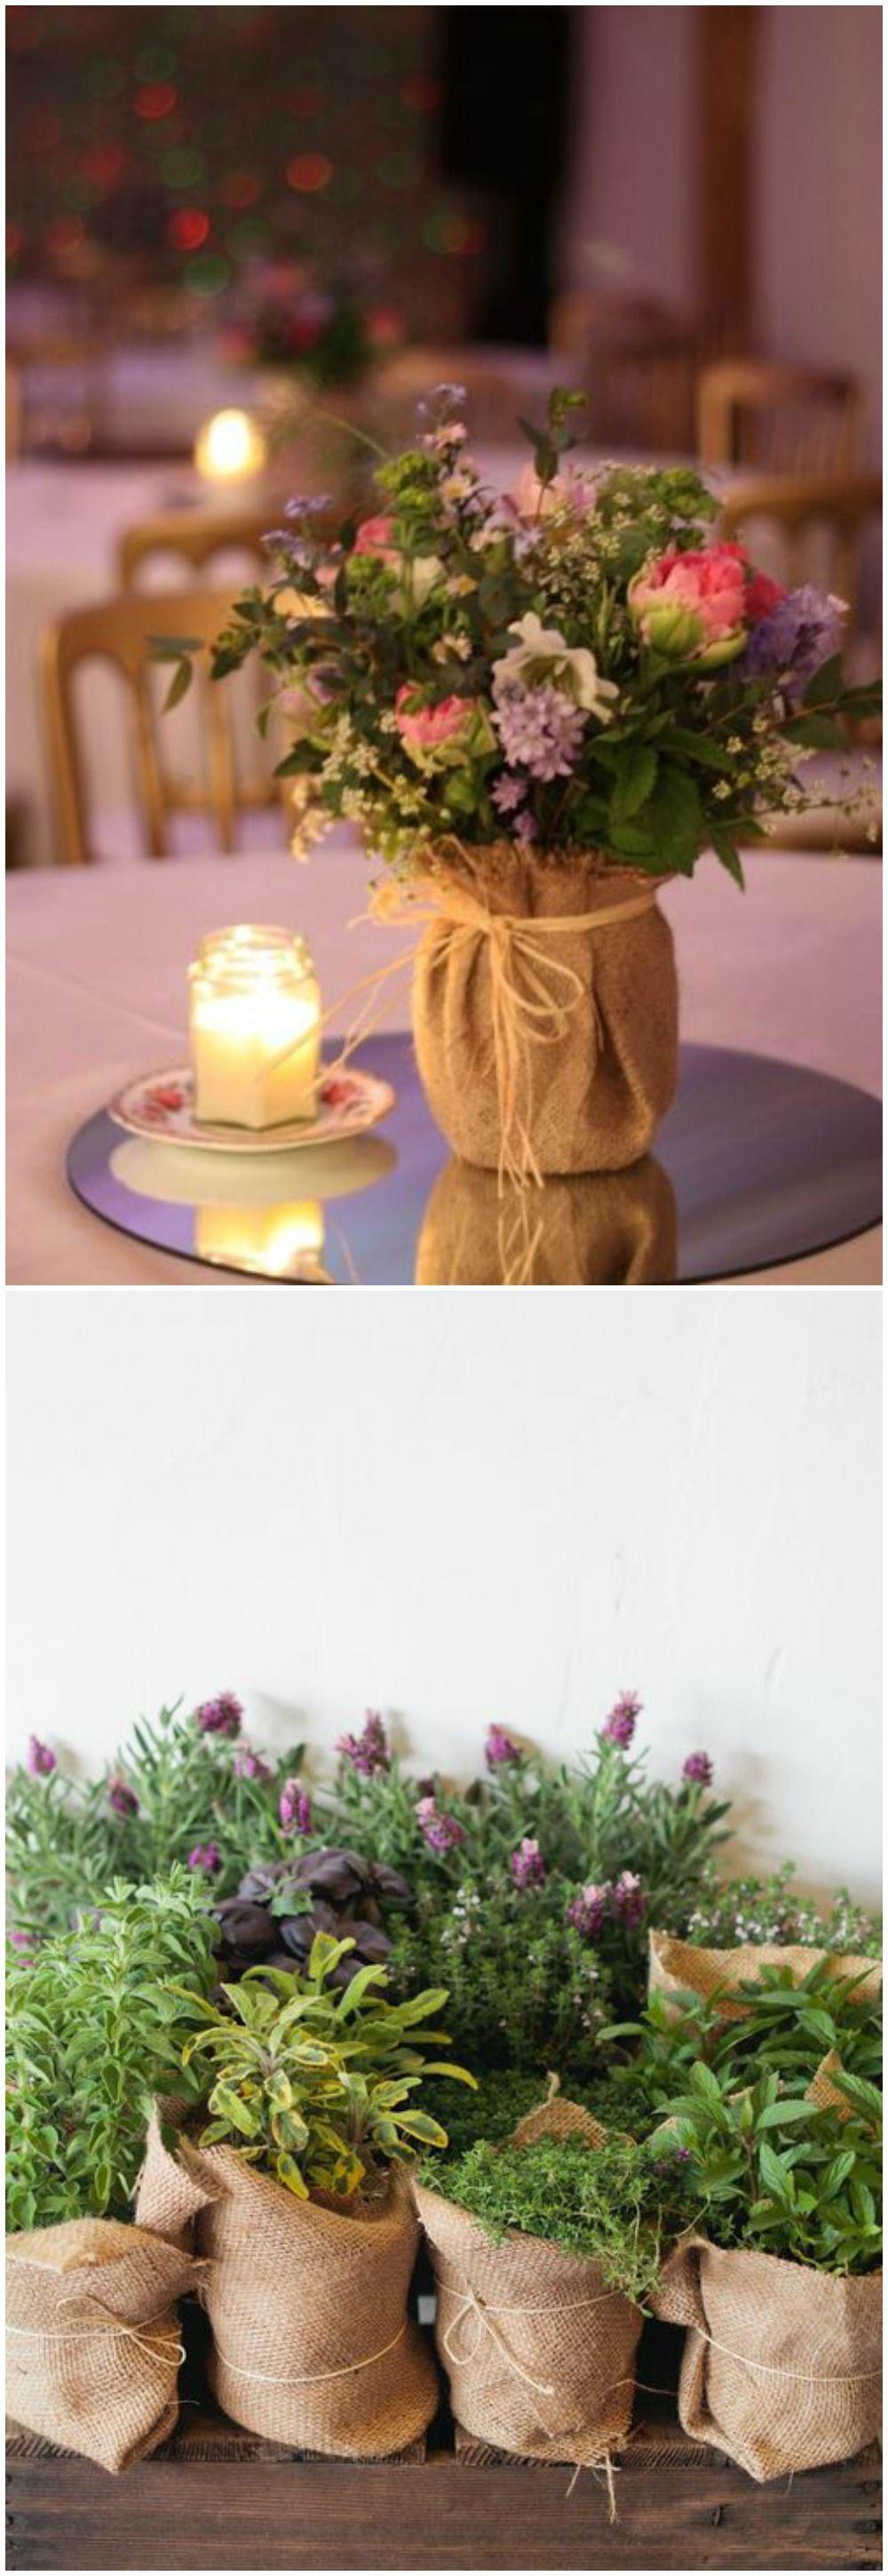 Diy con tela de saco proyectos diy mesas de boda boda - Centros para decorar mesas ...